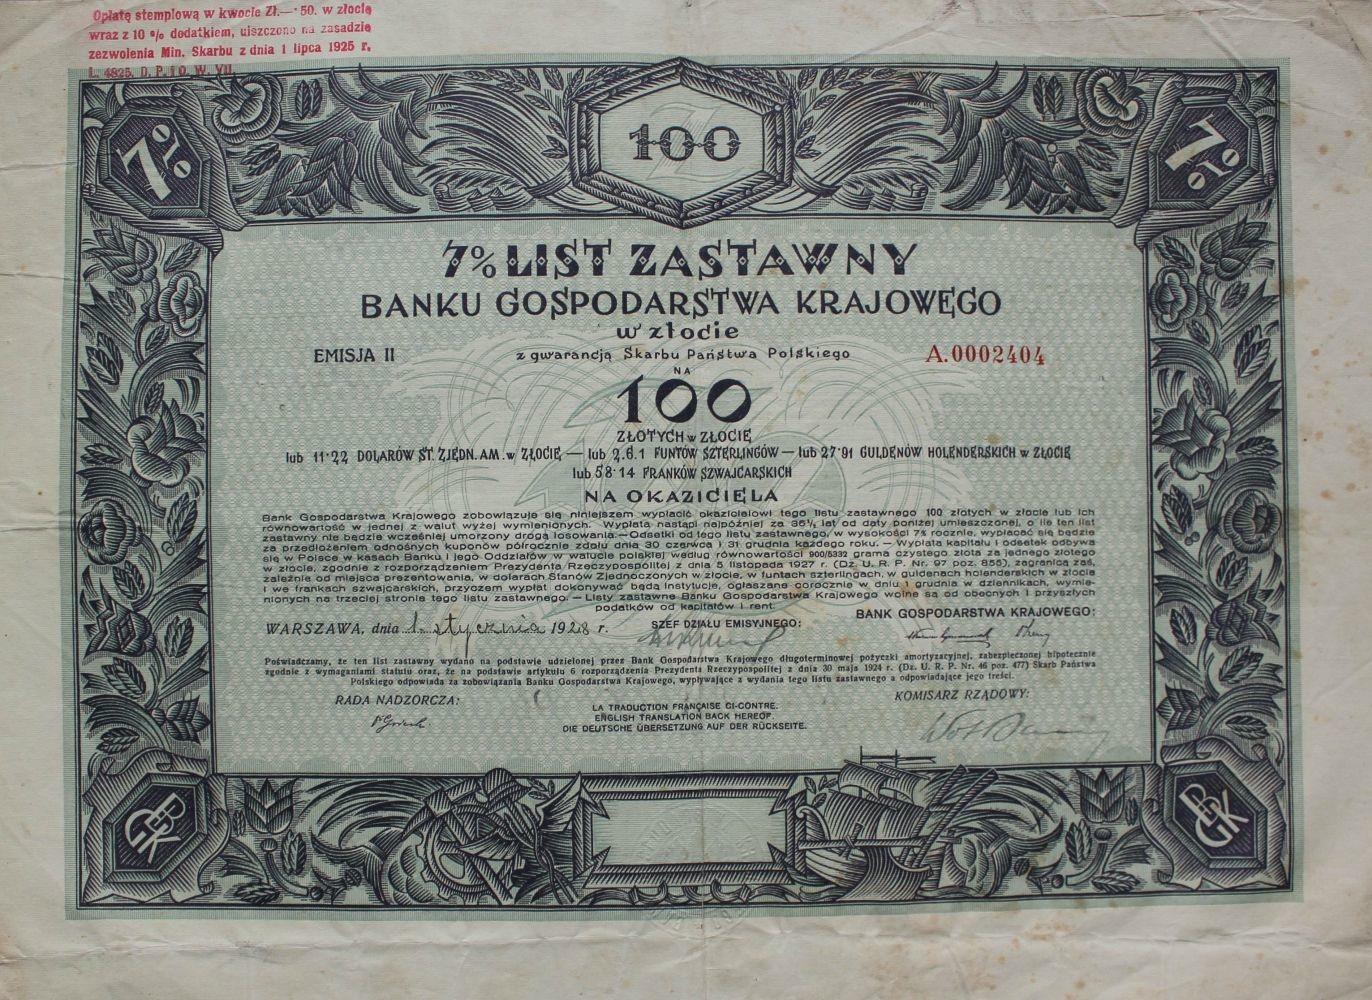 7 % List zastawny na 100 złotych.